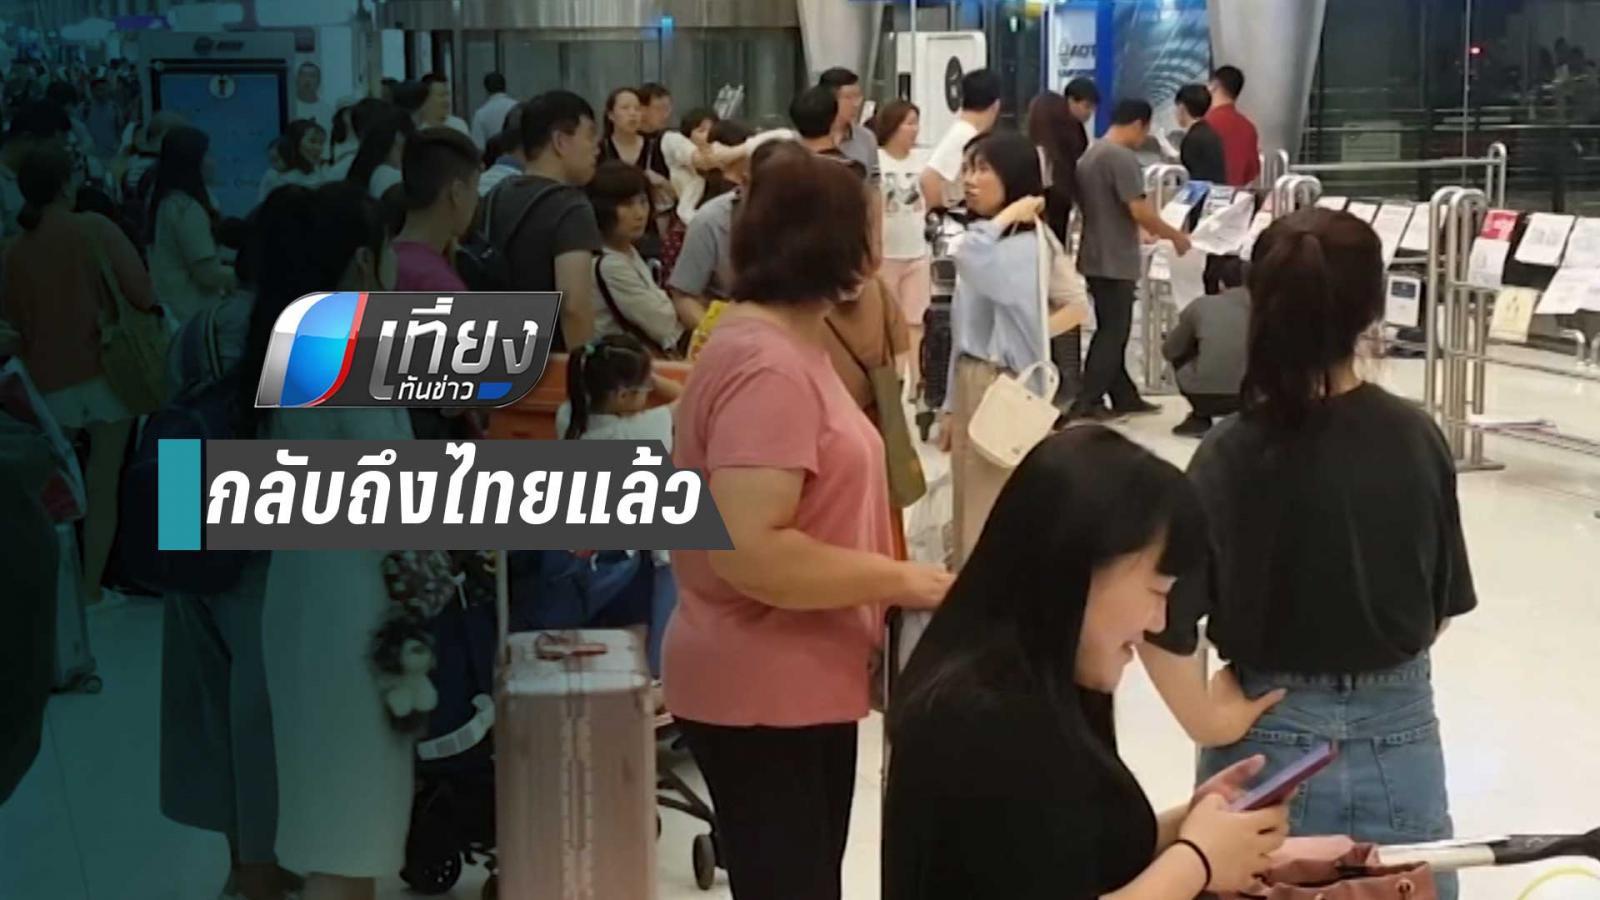 คนไทยตกค้างที่สนามบินฮ่องกงเดินทางกลับถึงไทย